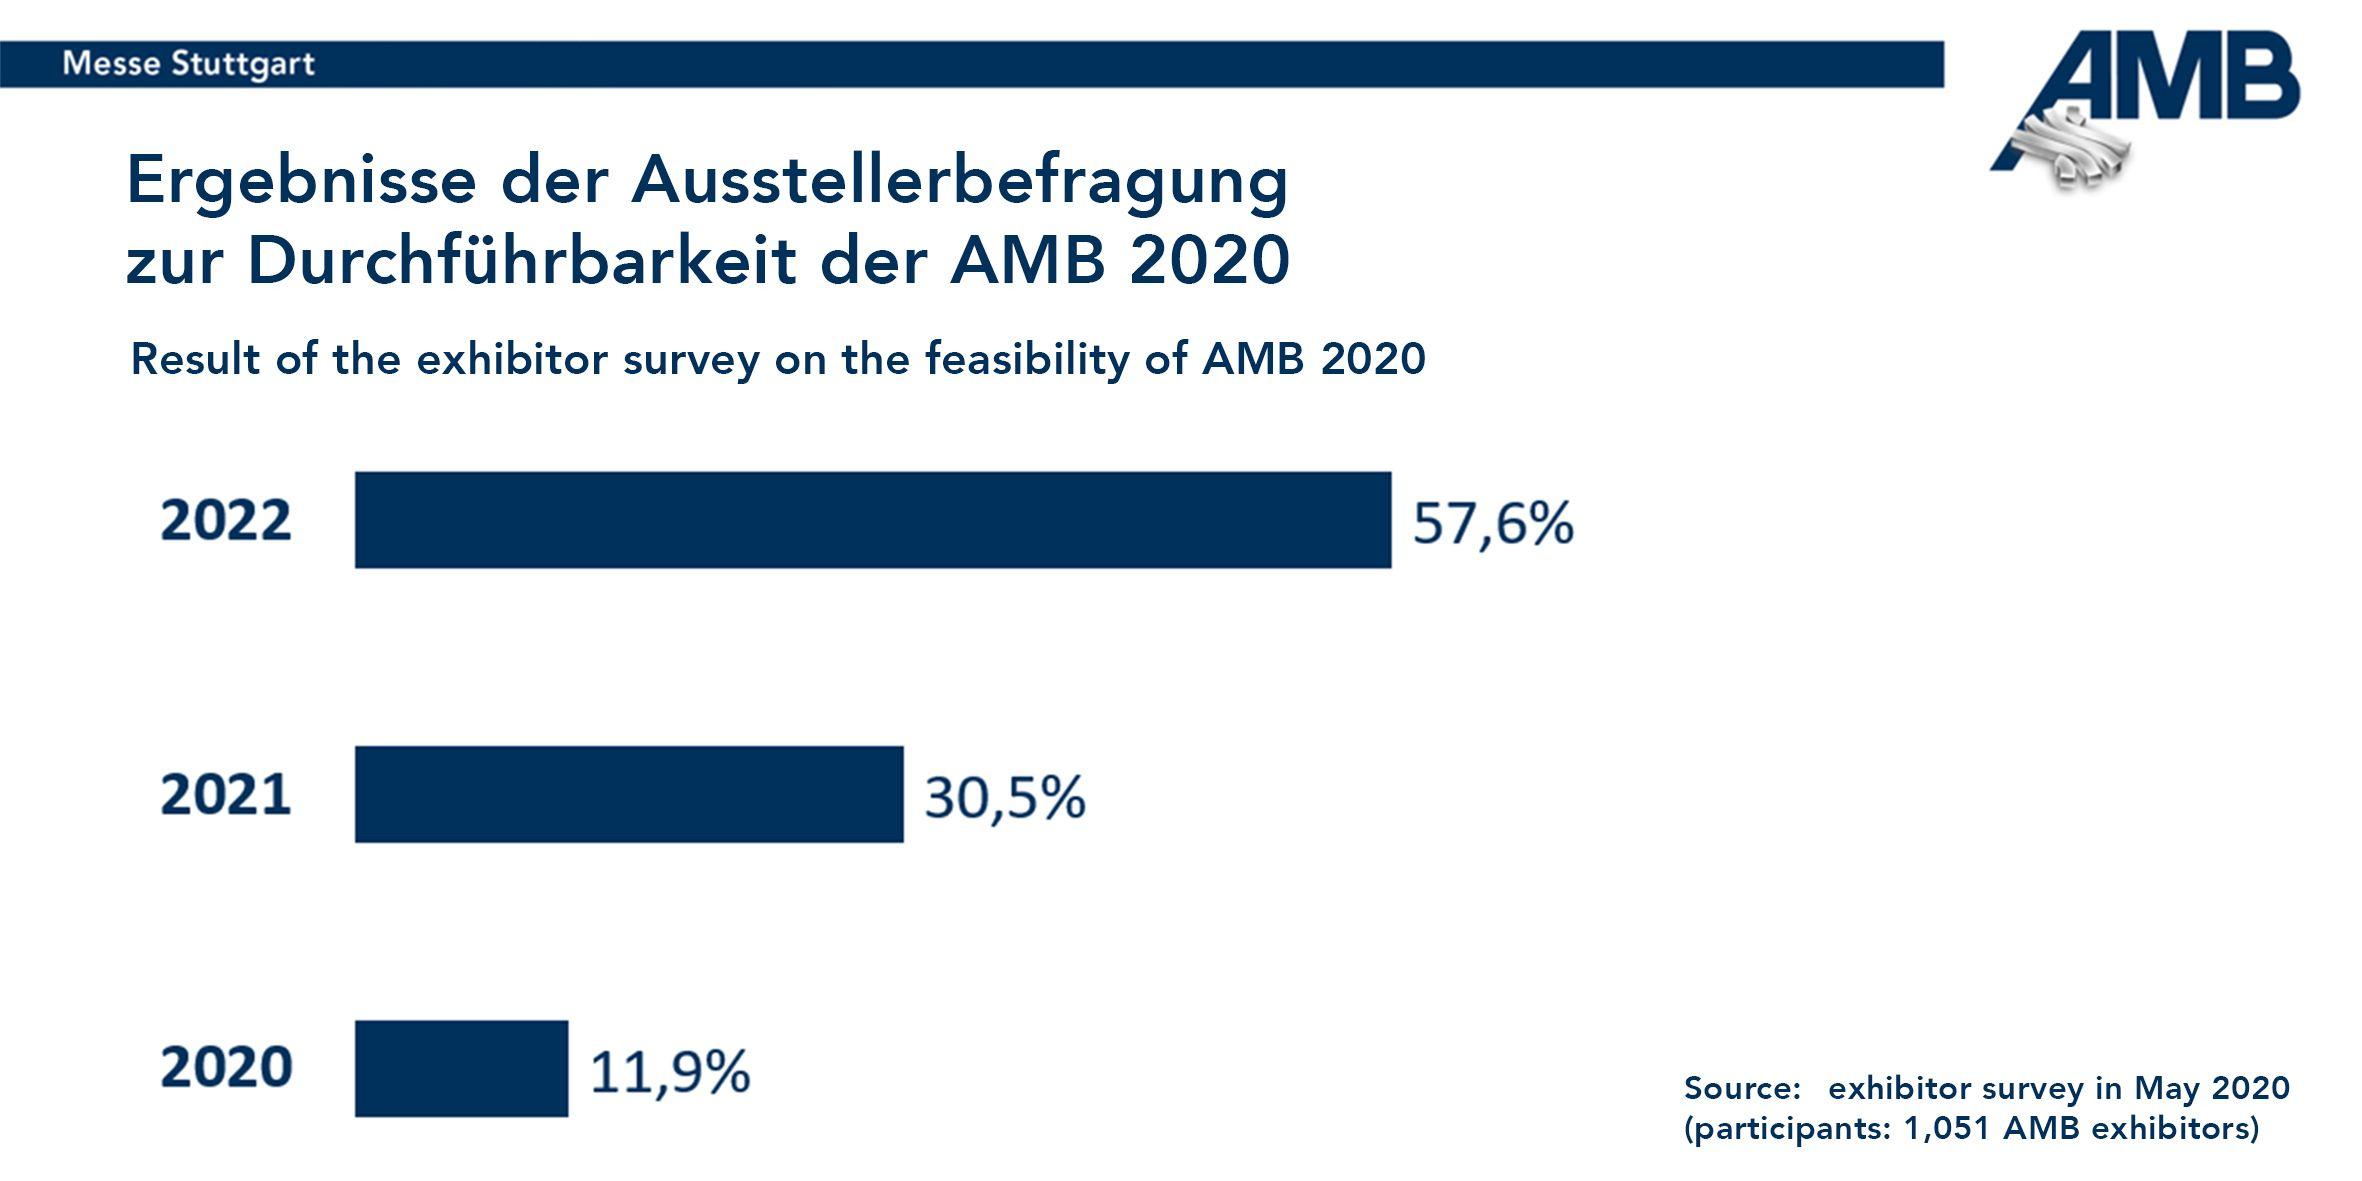 1.051 AMB Aussteller haben an der Umfrage zur Durchführbarkeit der AMB teilgenommen. Das Ergebnis ist eindeutig: 57,6 Prozent der Aussteller sprechen sich für den regulären Termin im September 2022 aus.